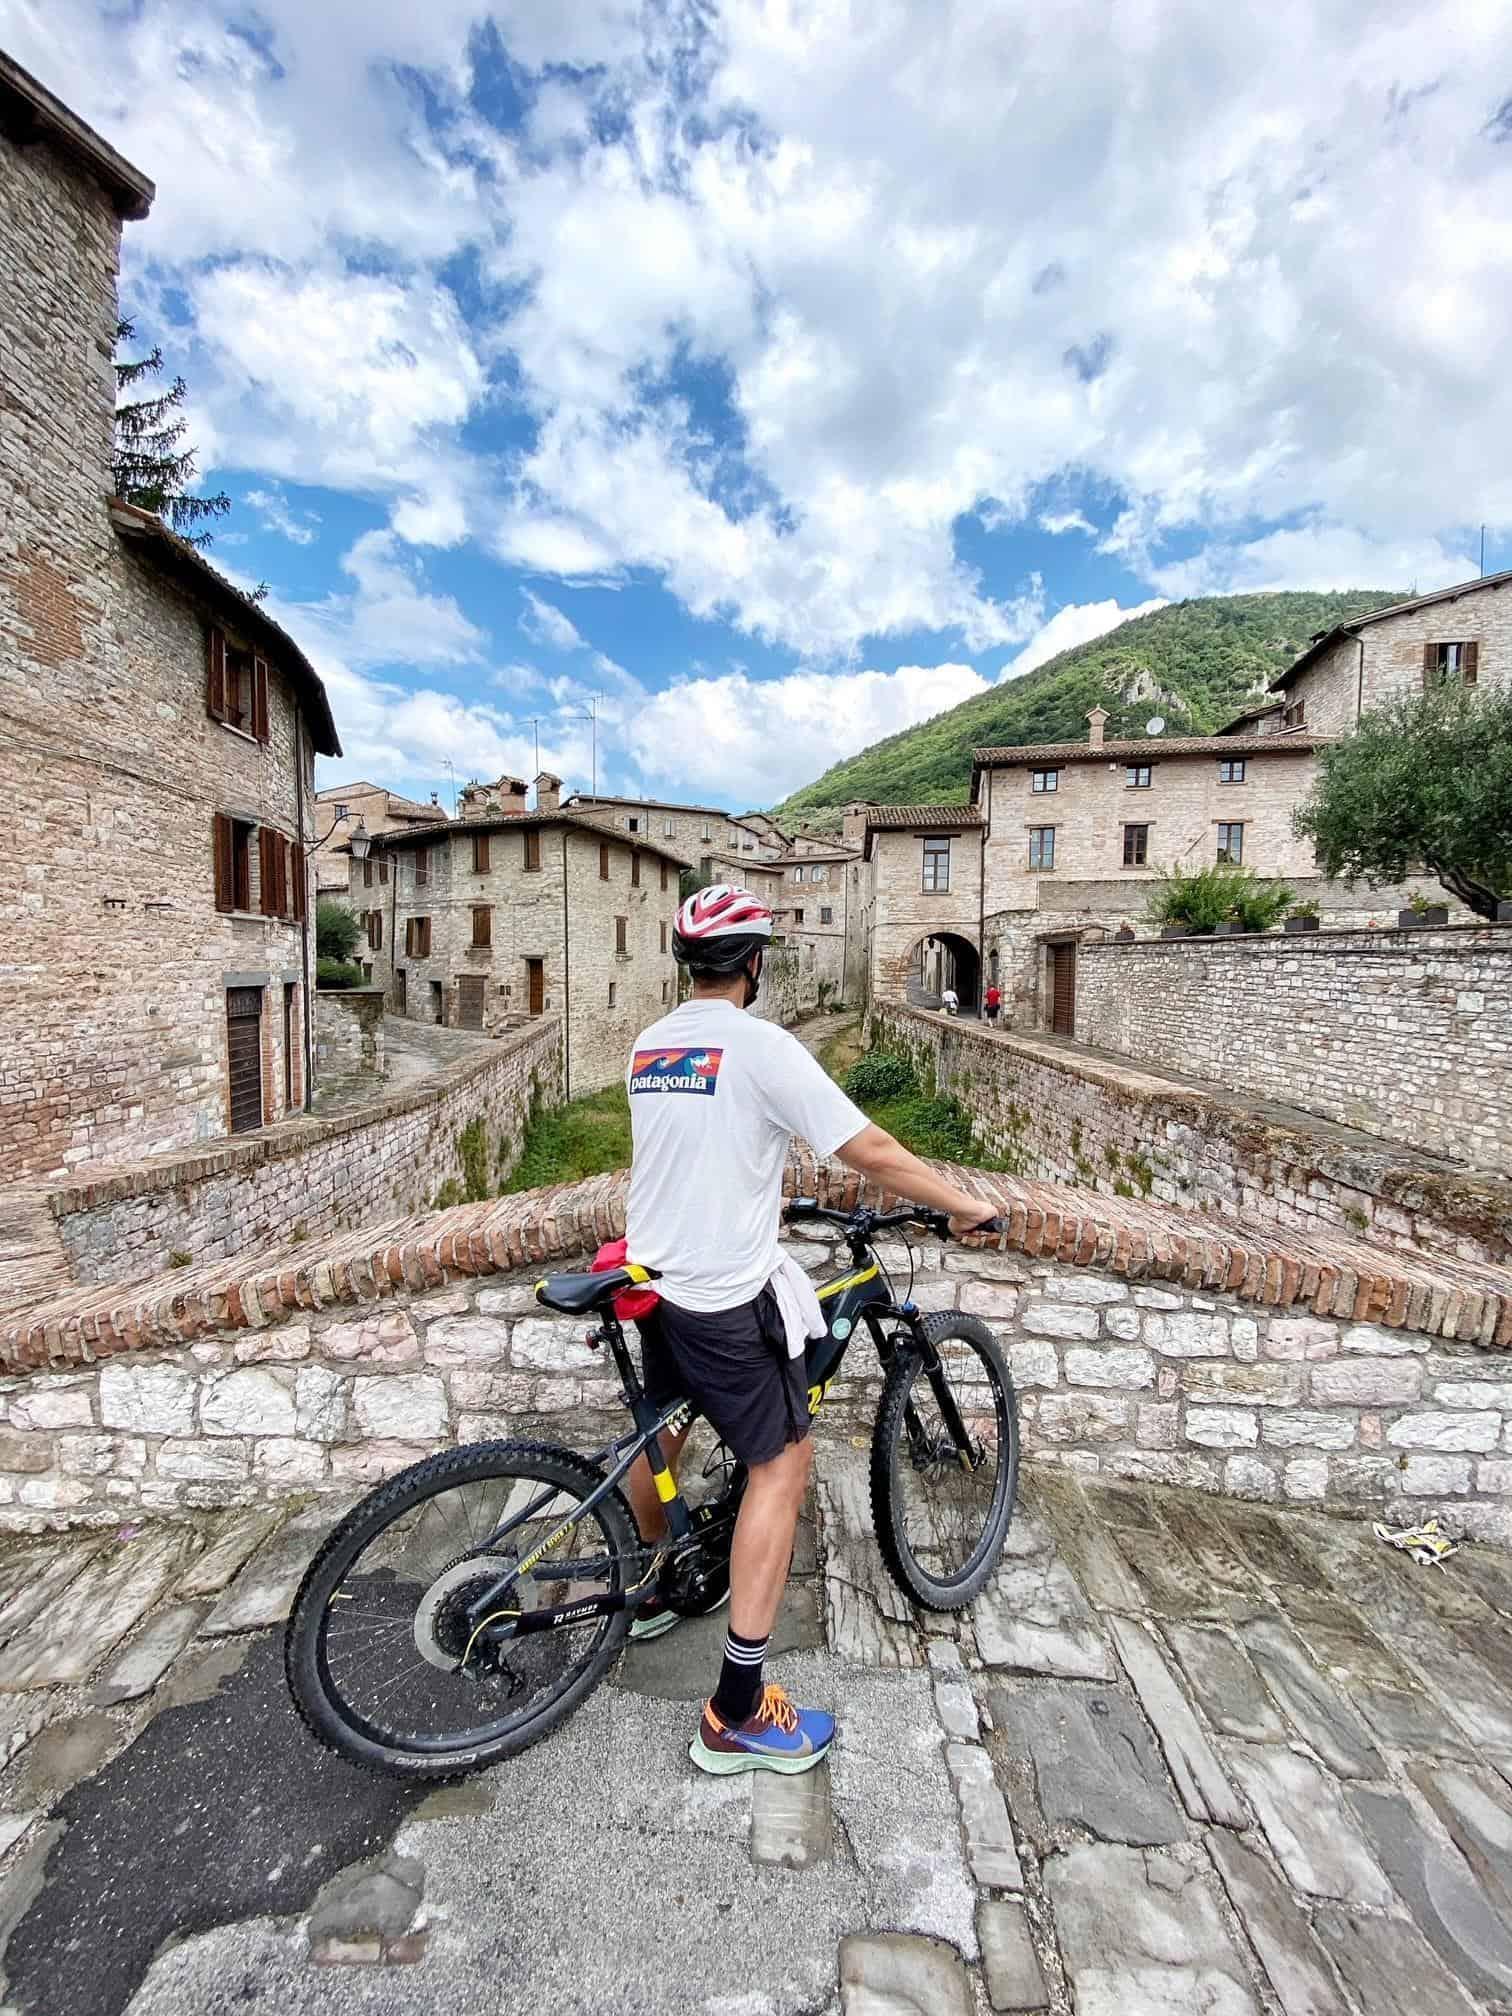 gubbio-e-bike